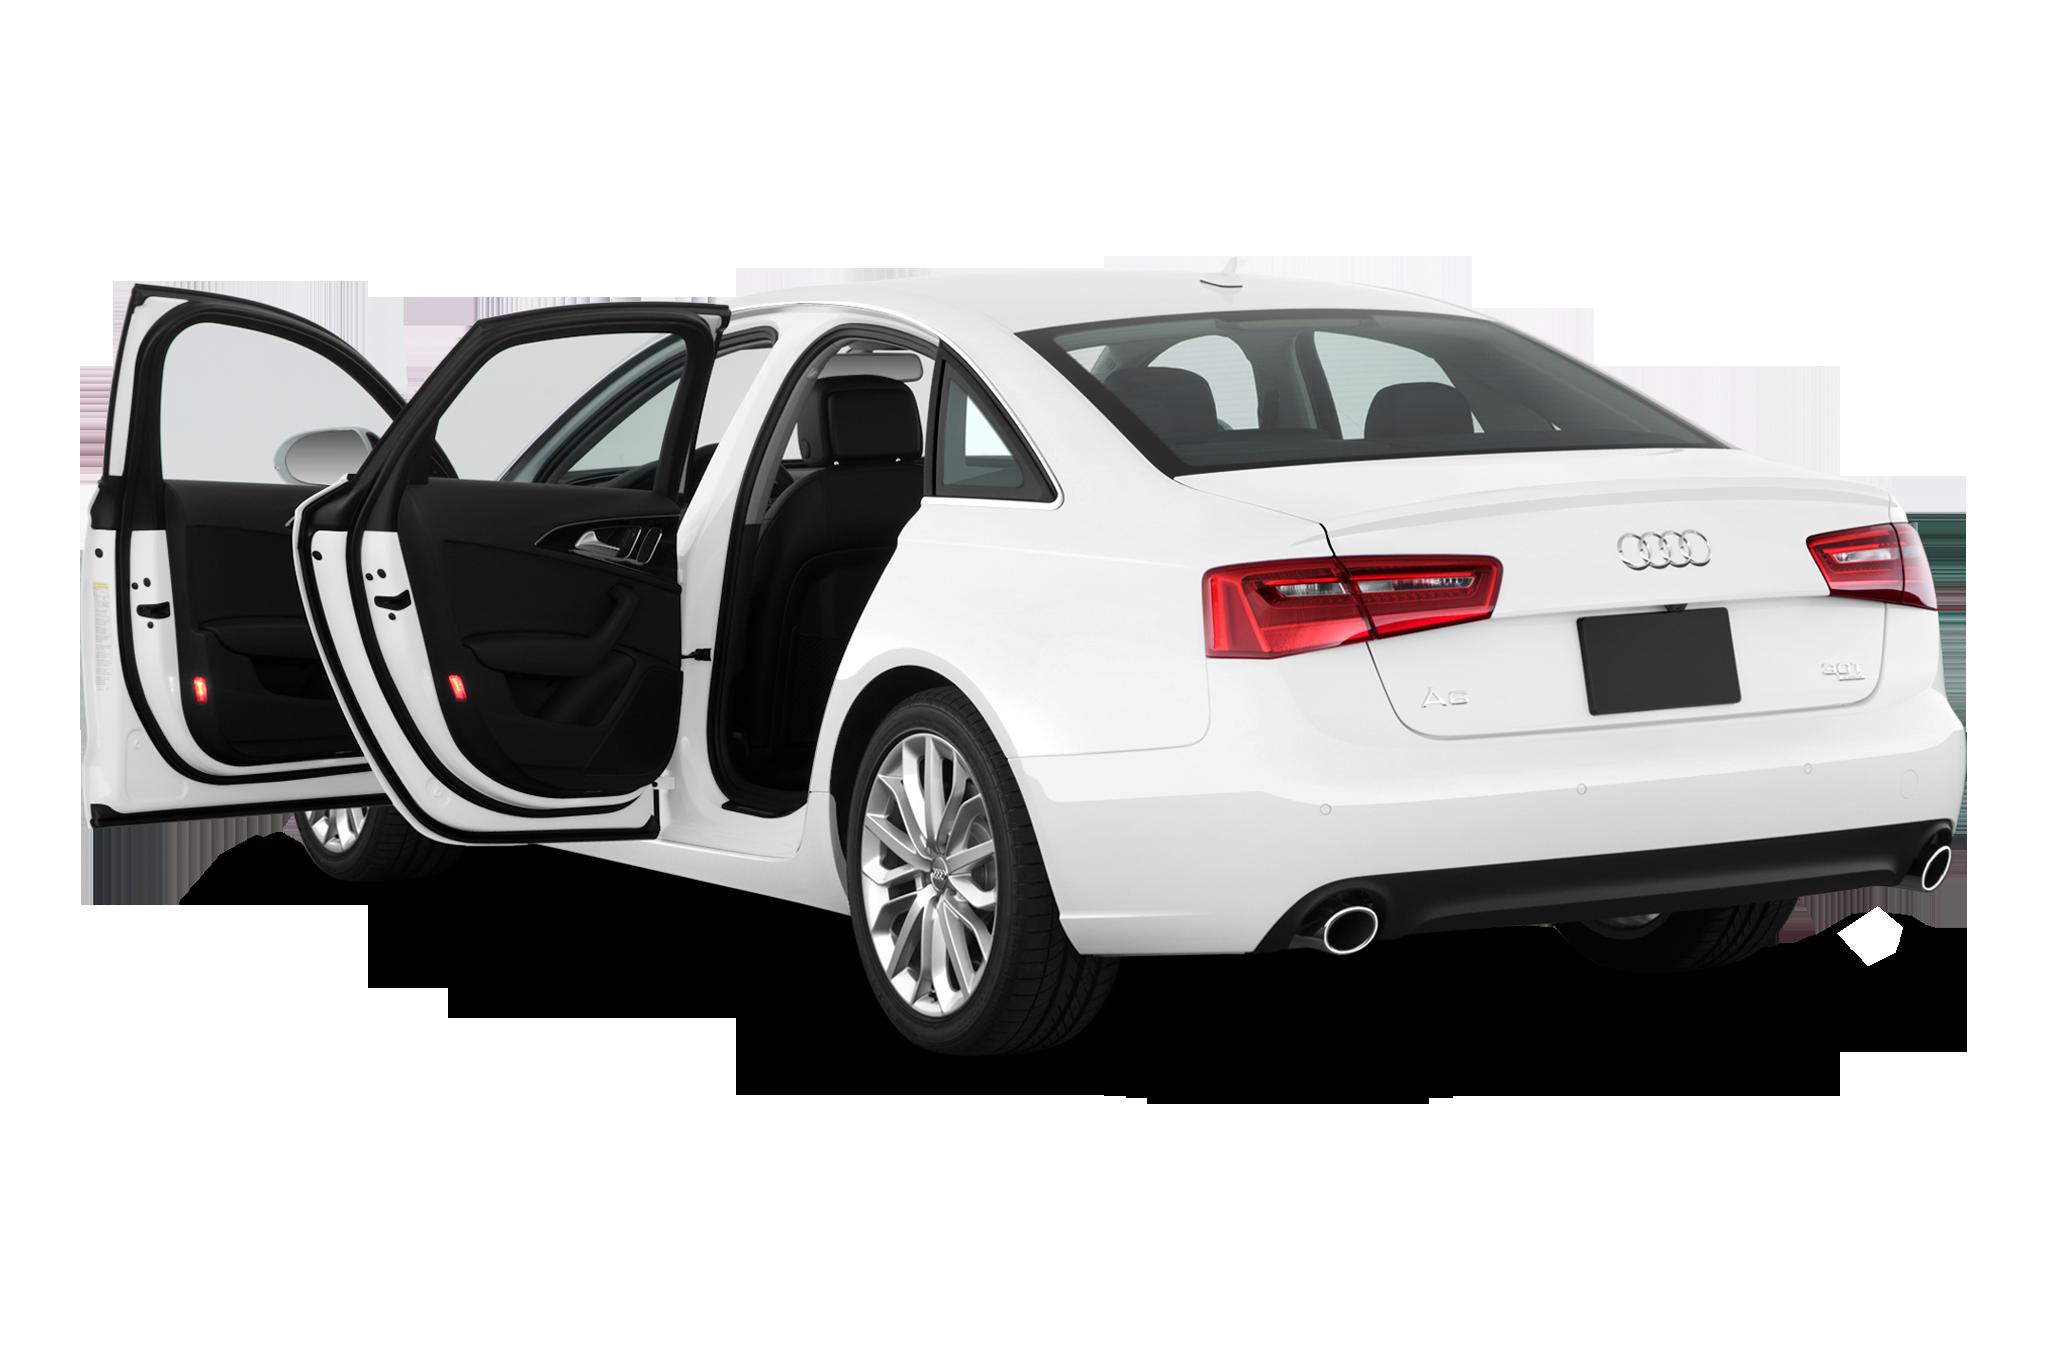 2012 Audi A6 Wiring Diagram - Wiring Diagrams Schematics